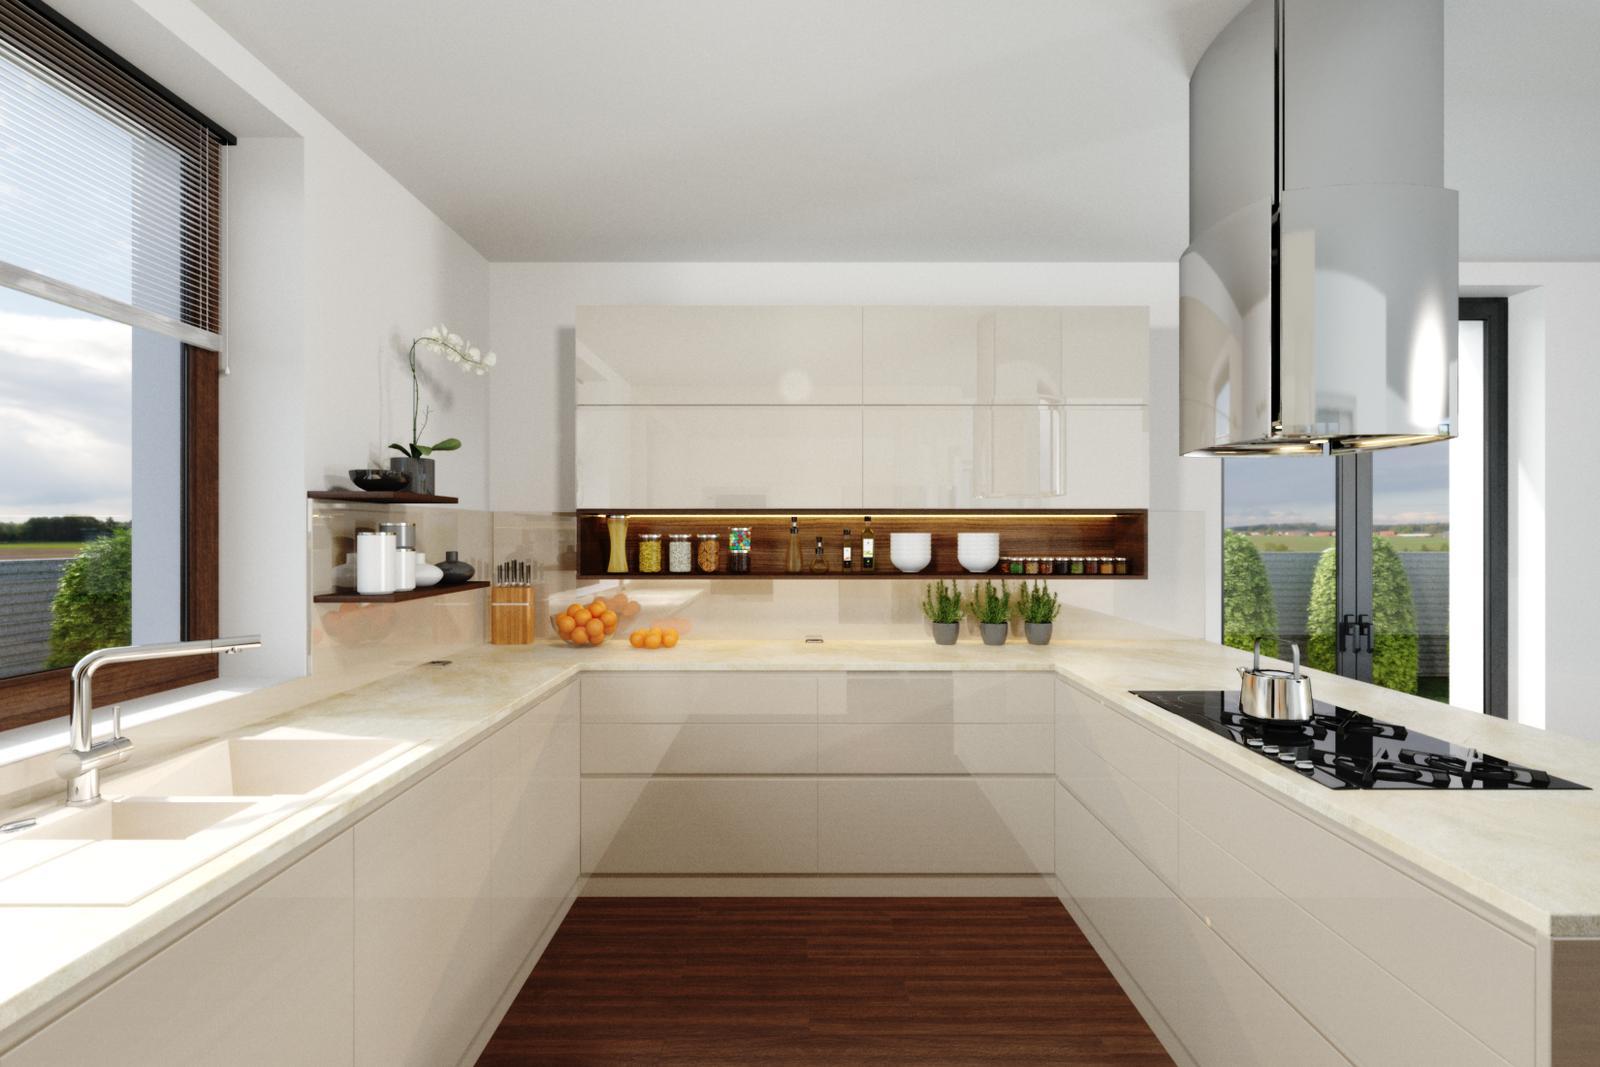 Moderná lesklá kuchyňa v kombinácii s orechom - Moderná lesklá kuchyňa v kombinácii s orechom - návrh kuchyne a výroba na mieru PRUNUS interiéry